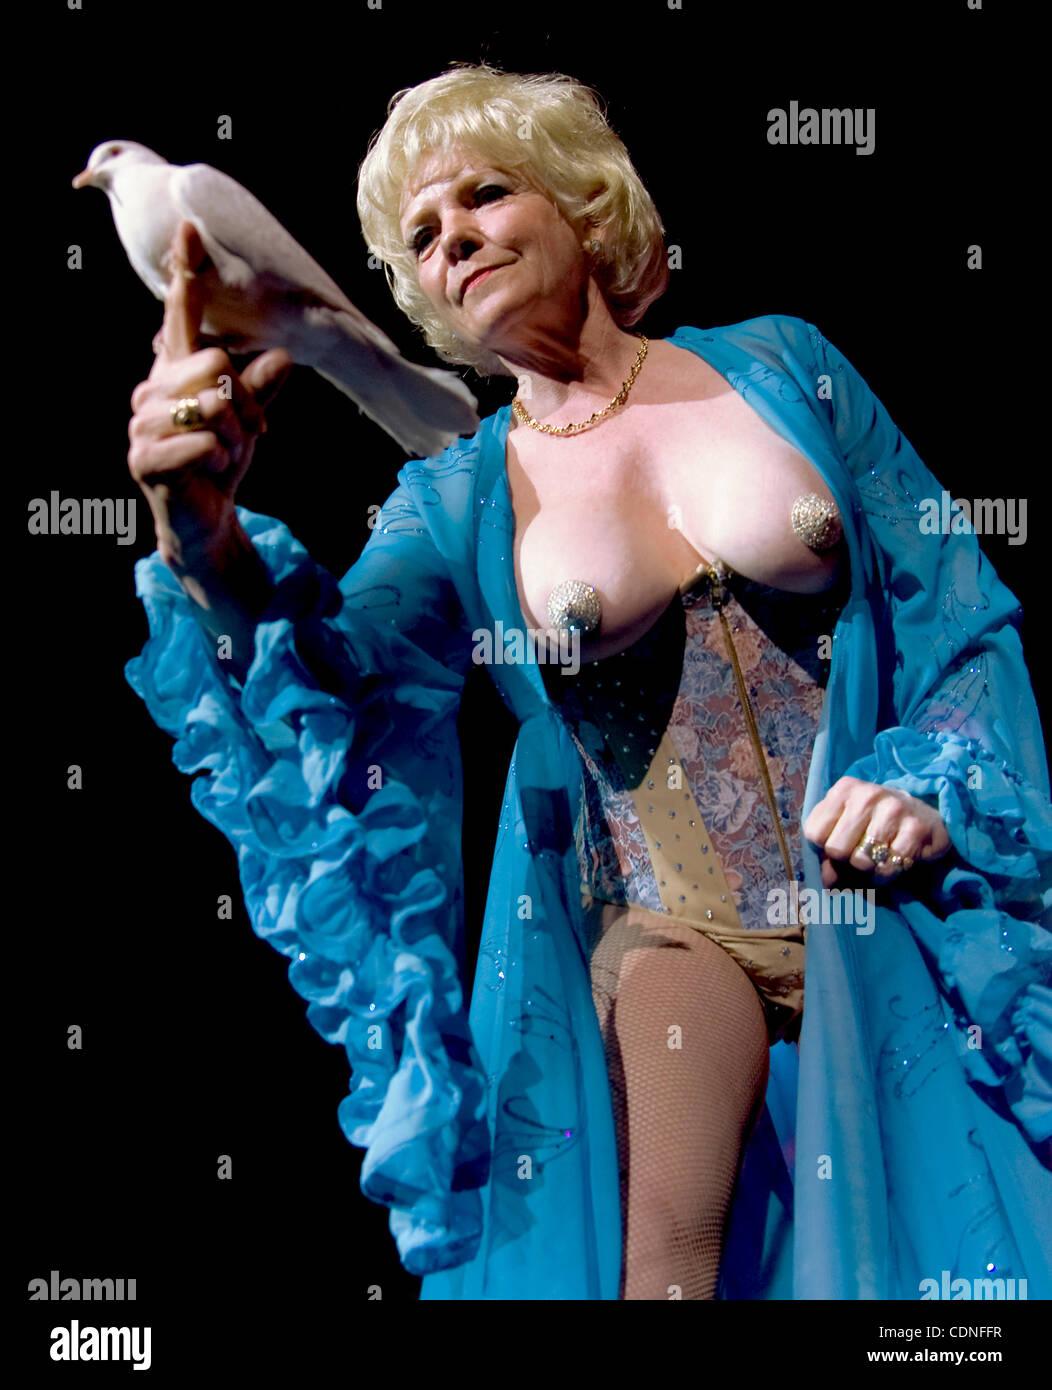 Nude magician photos 557